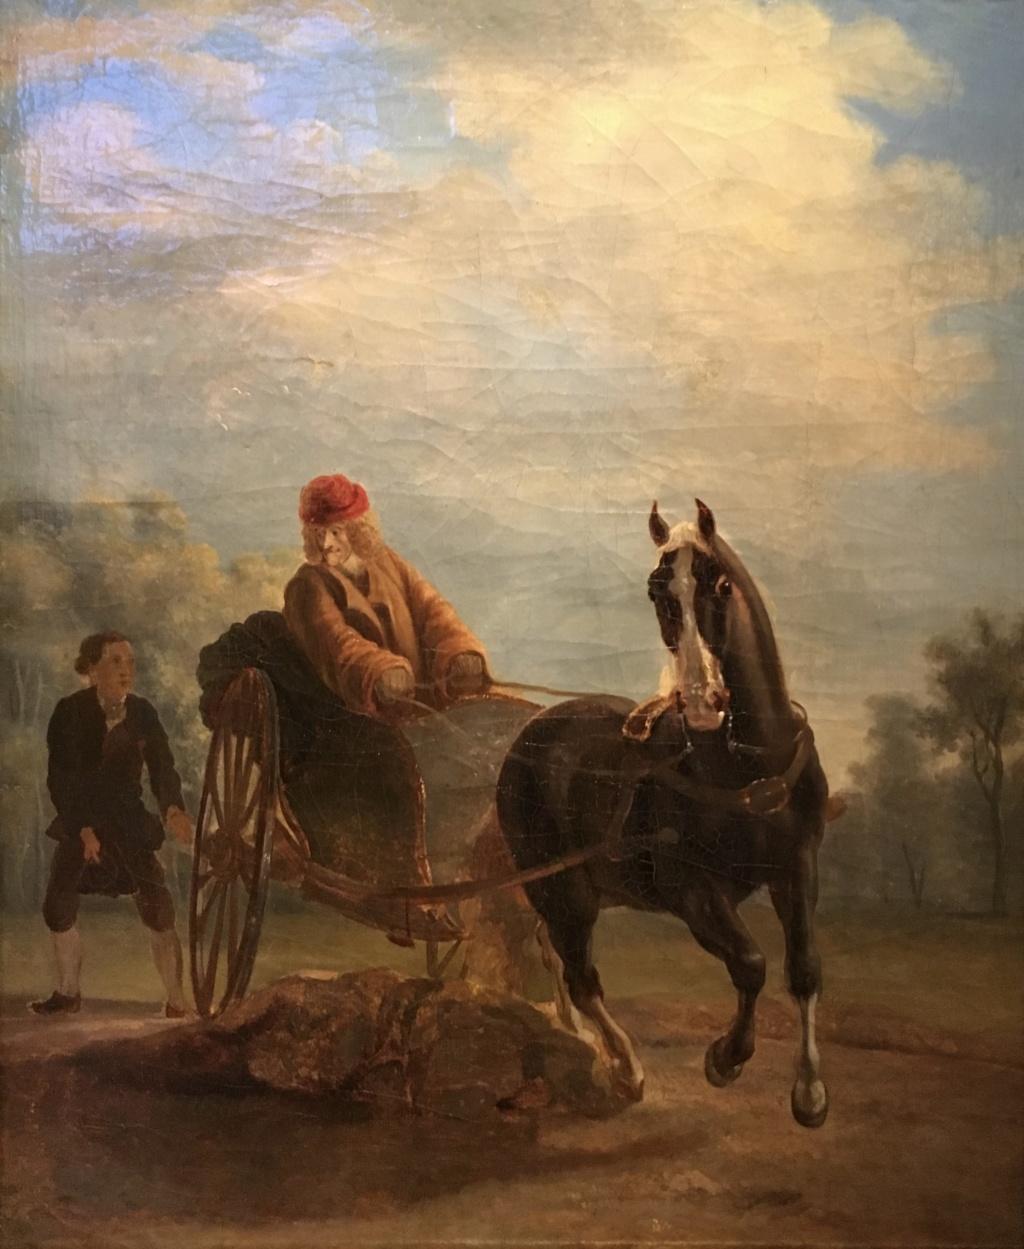 Le Siècle de Louis XIV, Voltaire historien de la modernité B5151910